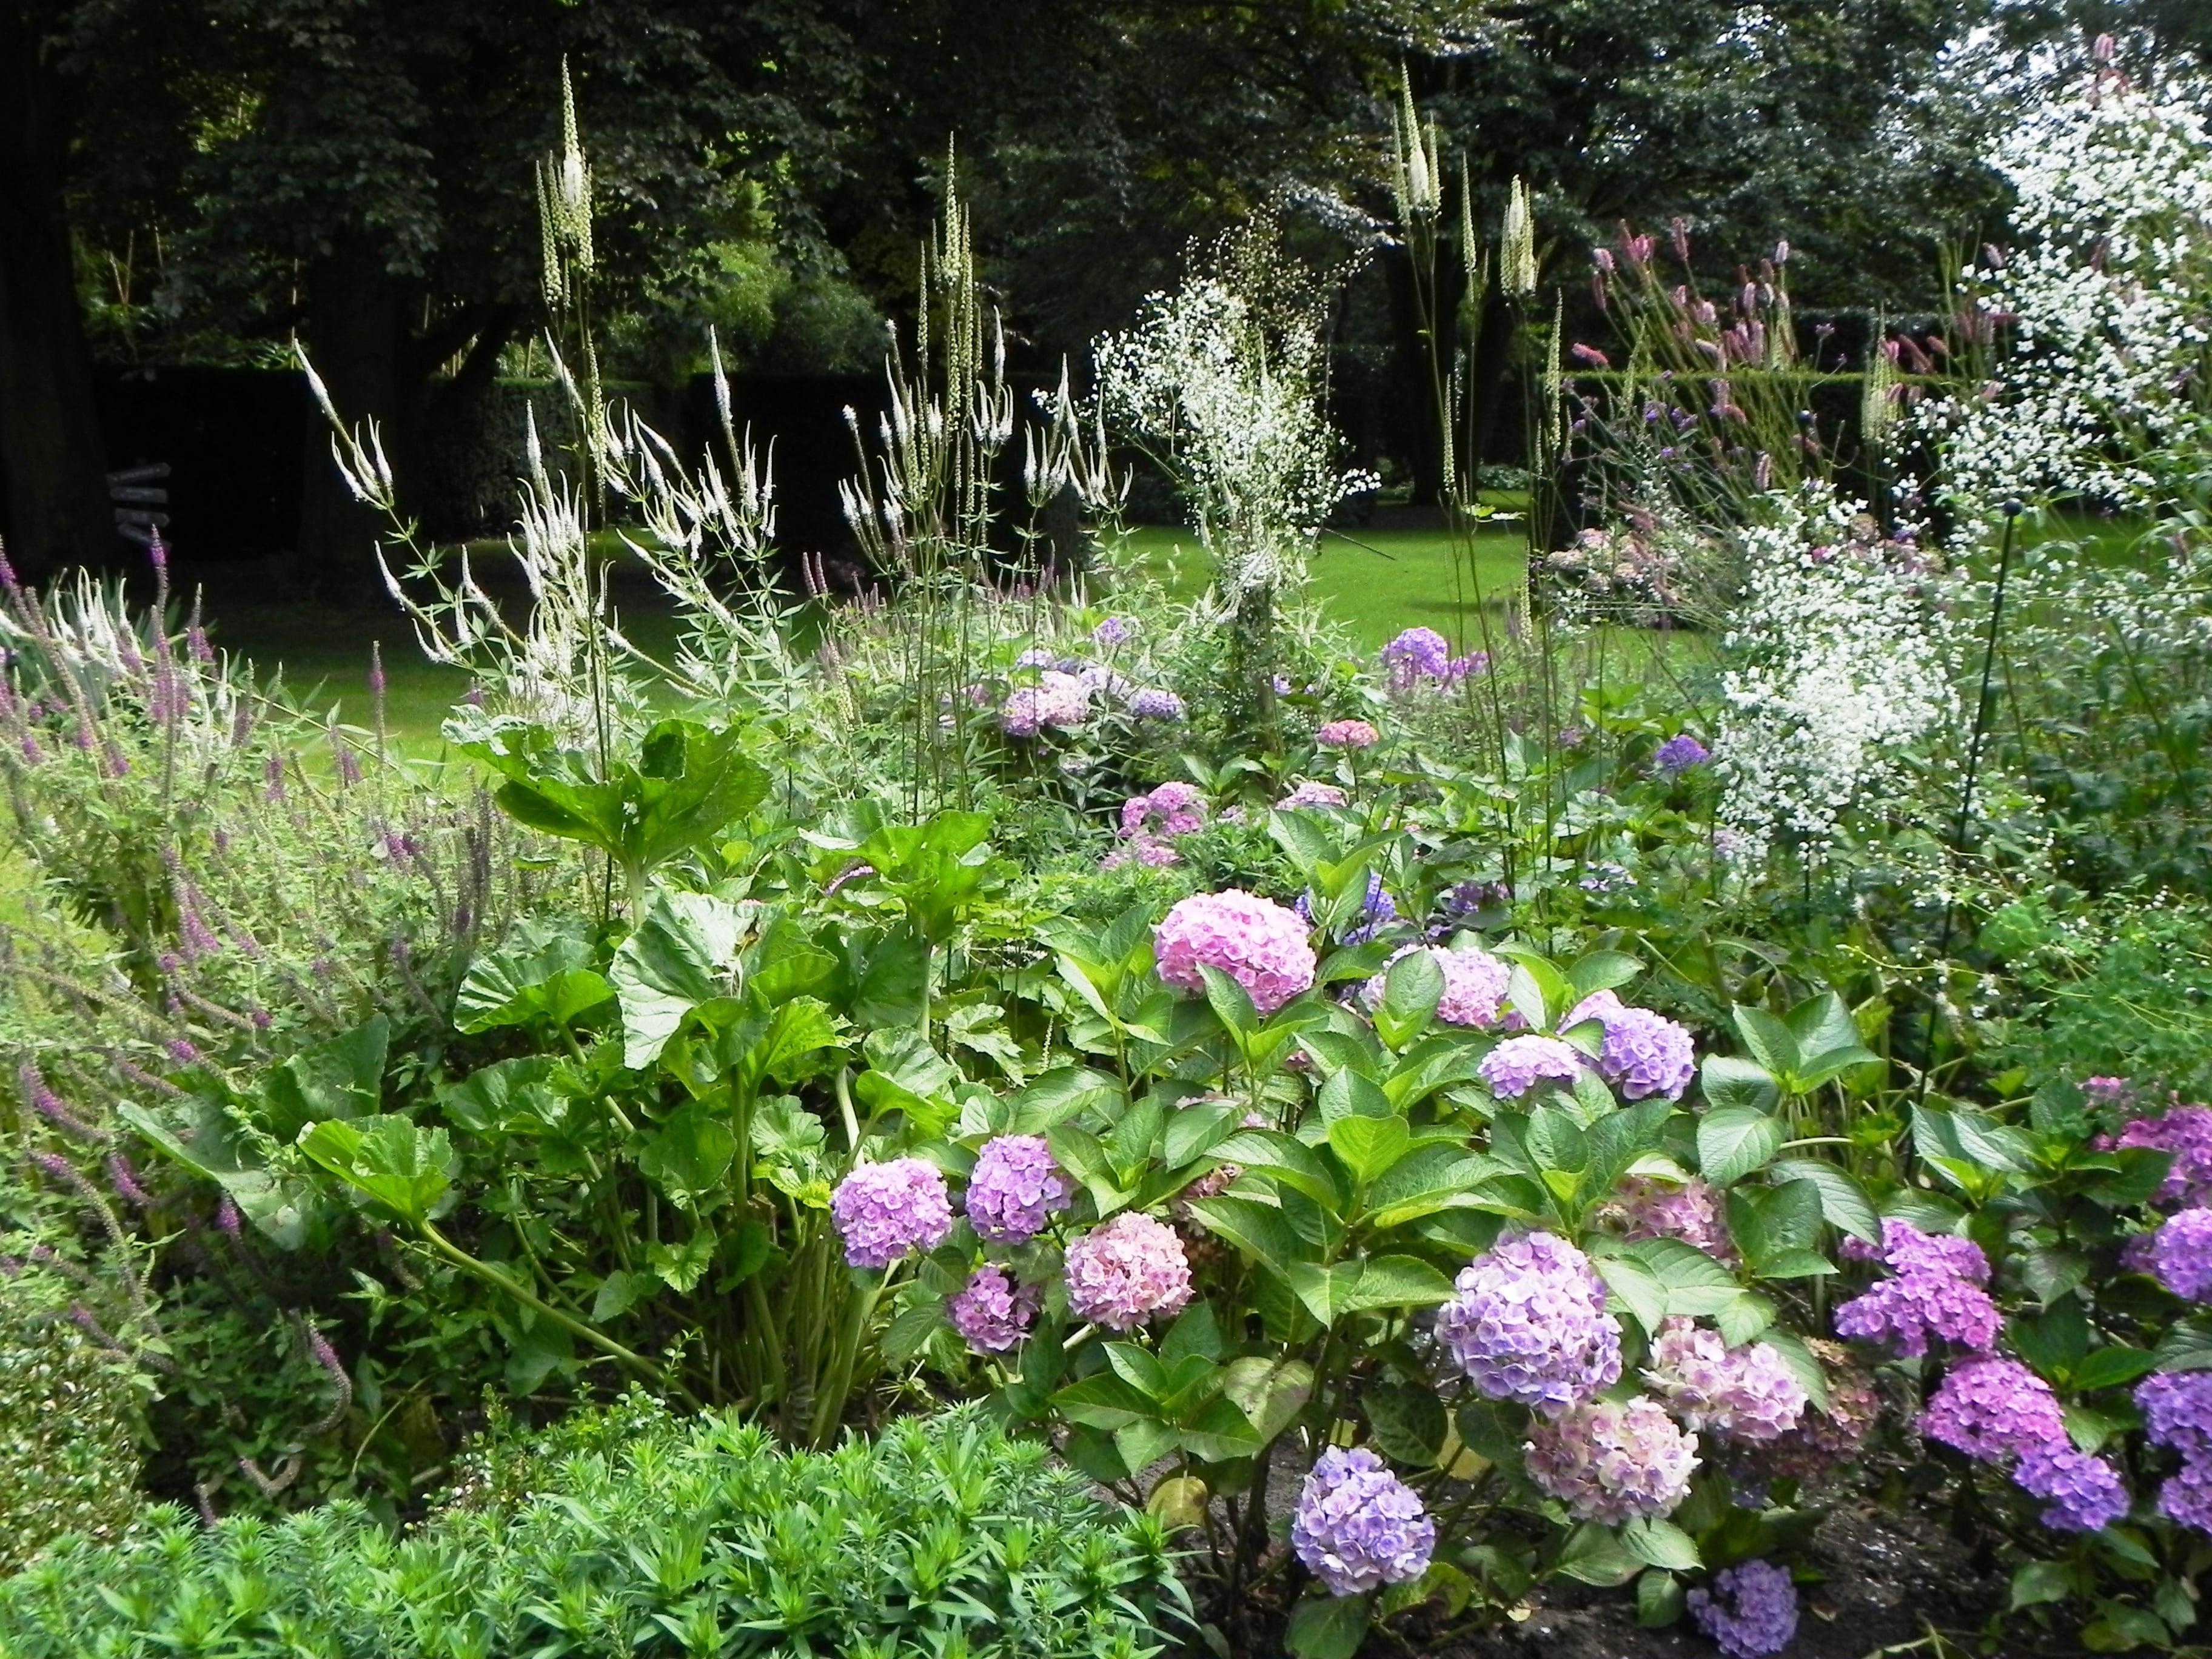 Rijkgevulde borders met Hortensia's met romantische namen zoals 'You and Me forever' en opgaande ijle vormen van Veronicastrums en Actaea's gecombineerd met de pluimvormige witte Thalictrum delavayi 'Splendide White'